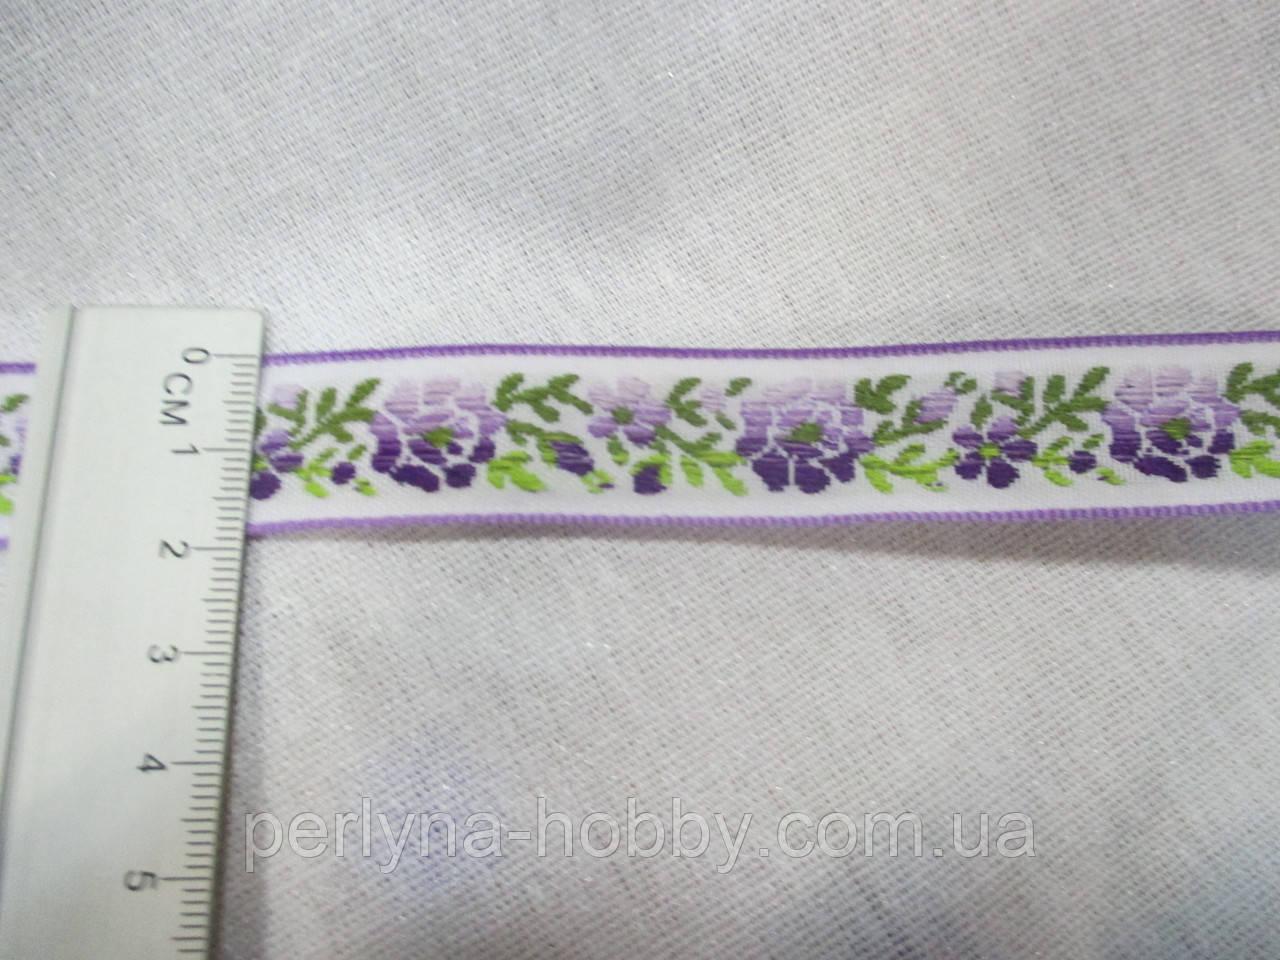 Тесьма декоративная жаккардовая с орнаментом. Тасьма з орнаментом  квіти 18 мм. біла з фіолетовим